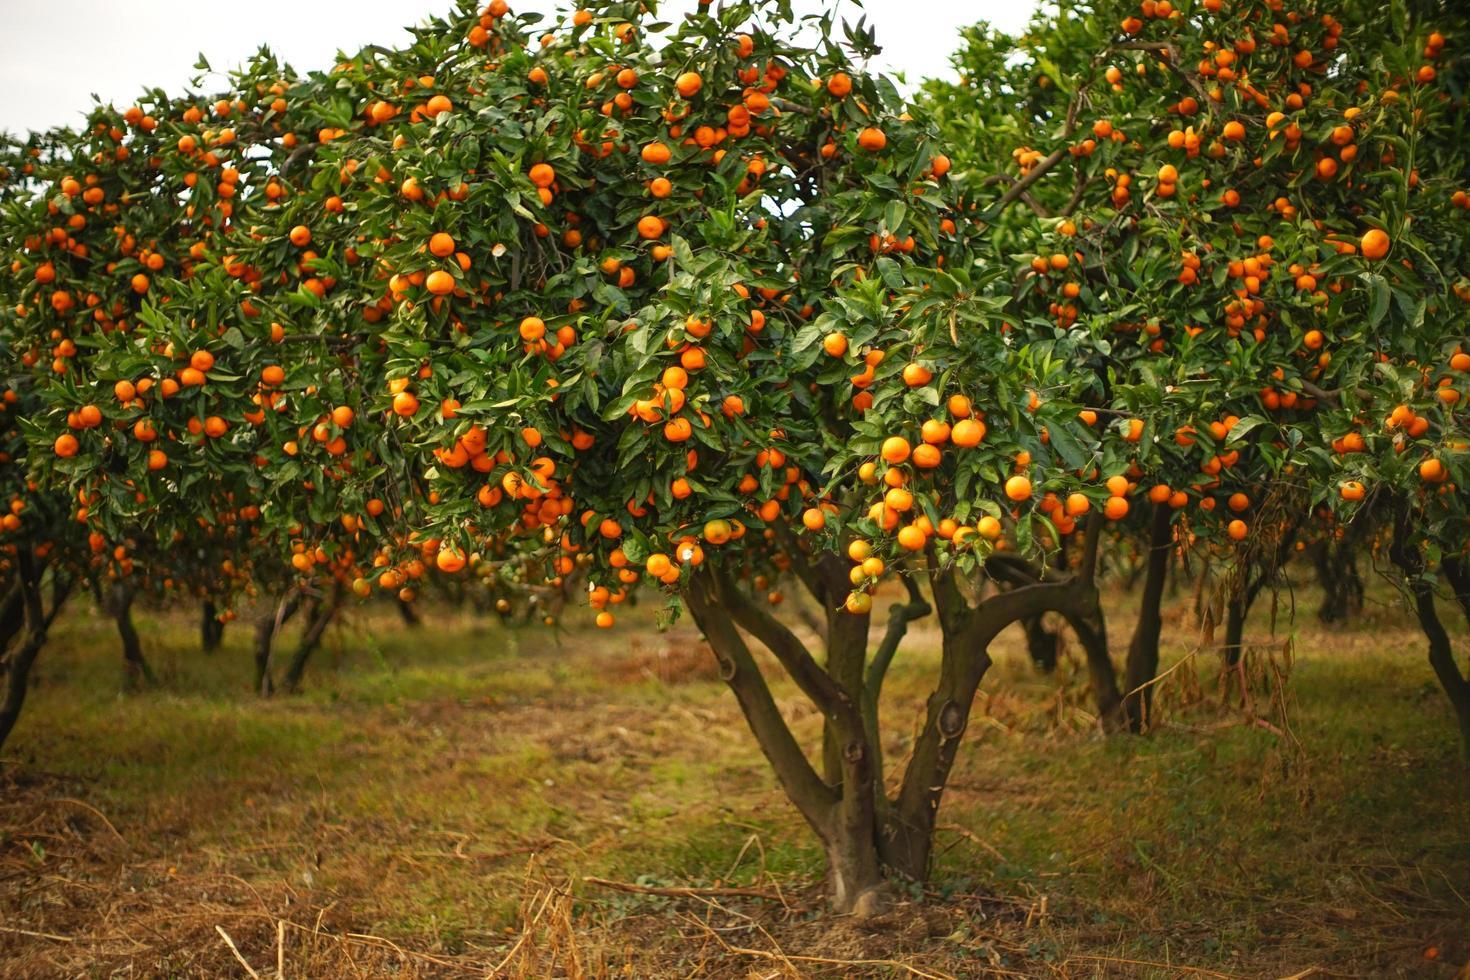 paesaggio autunnale con giardino di mandarini. foto